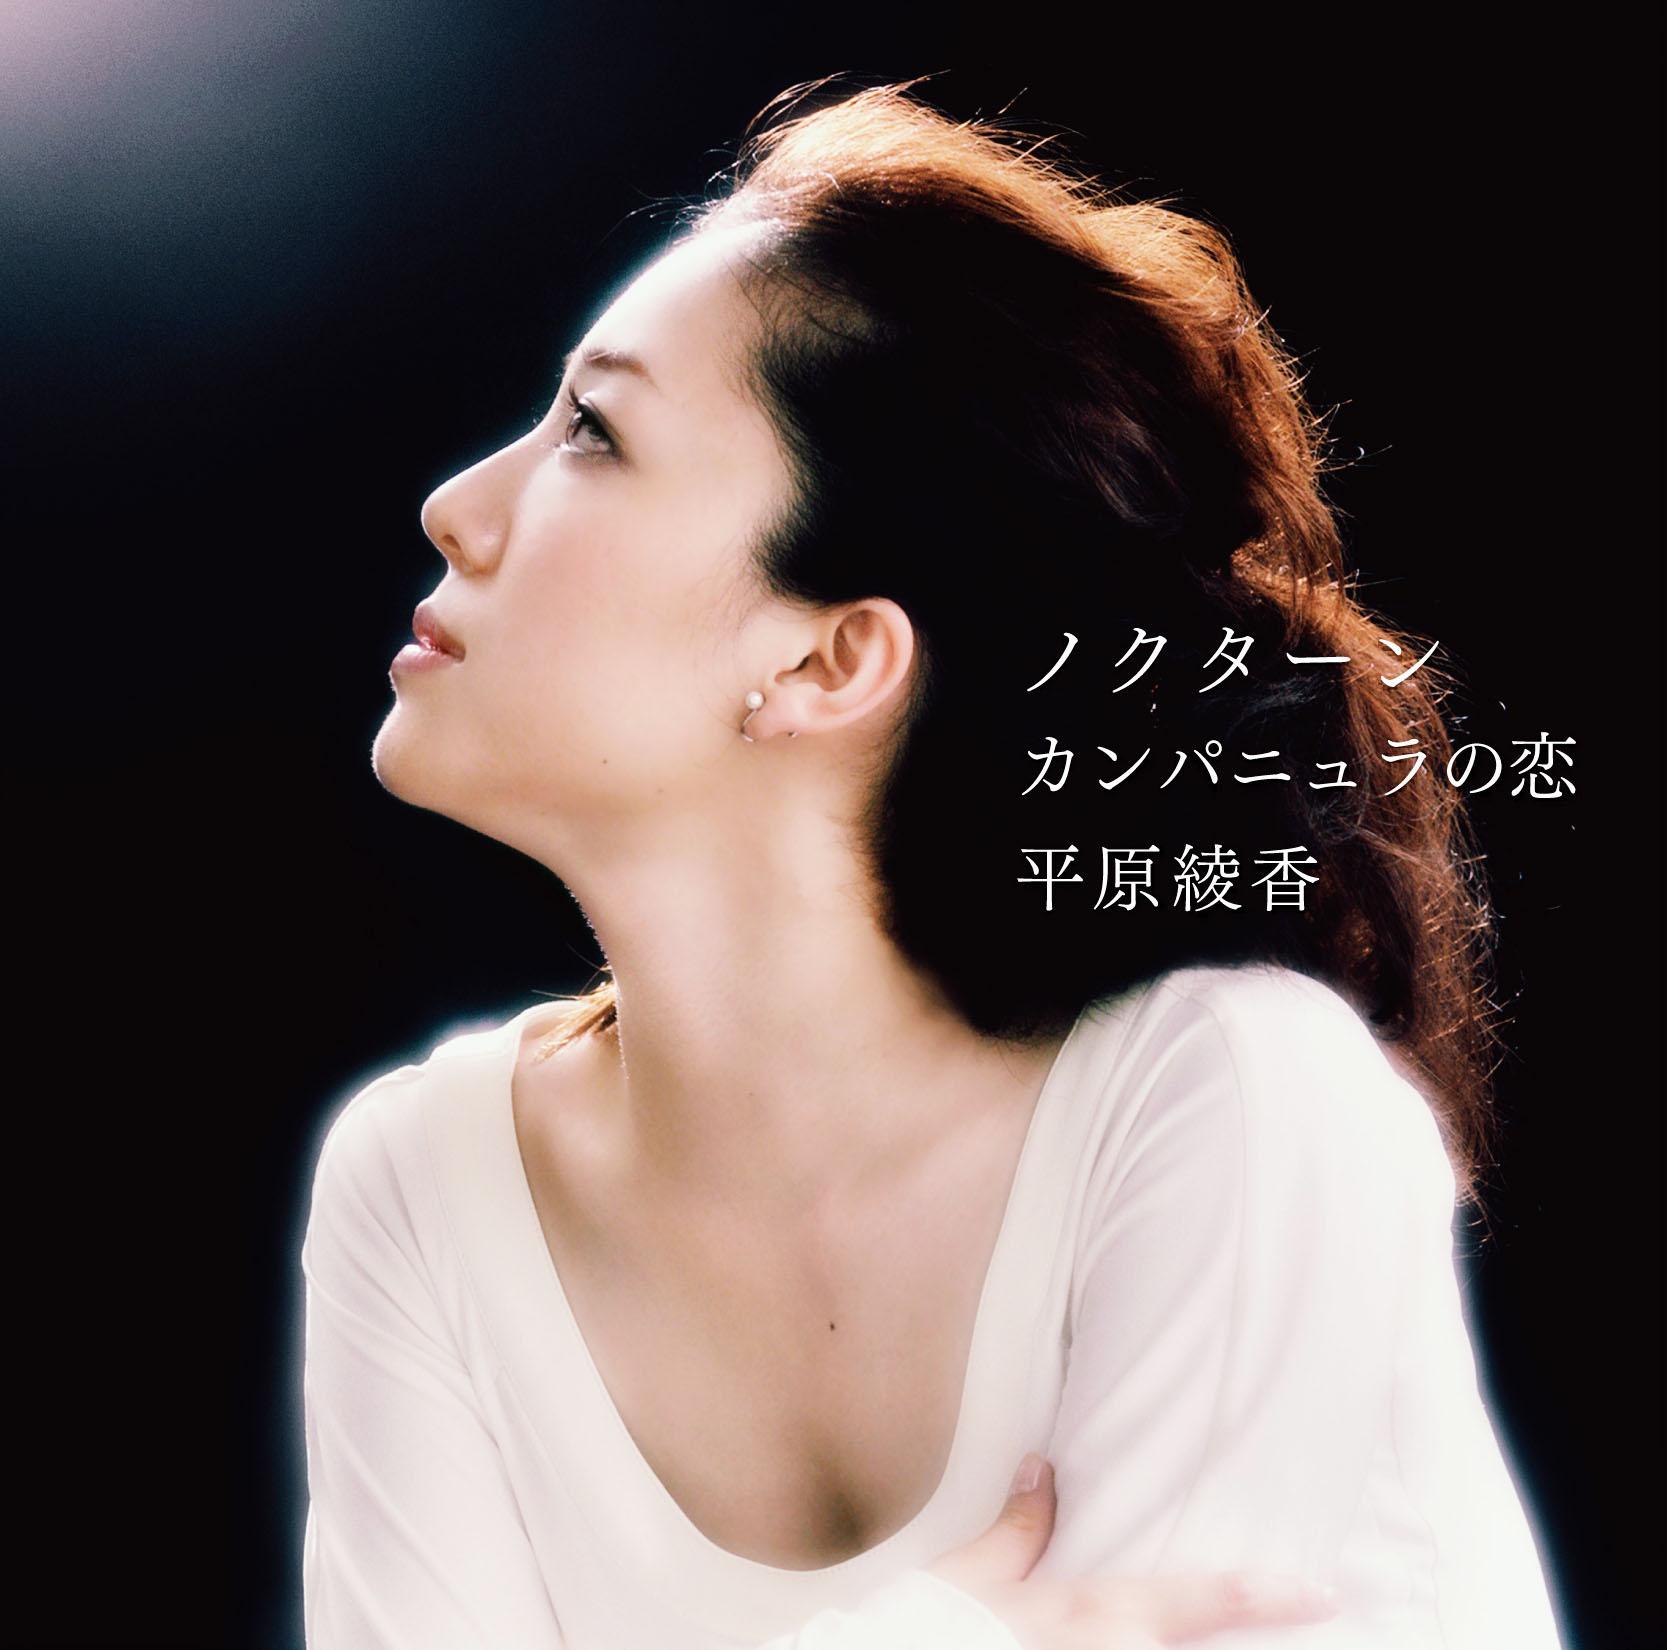 20160816.03.31 Ayaka Hirahara - Nocturne ~ Campanula no Koi cover.jpg